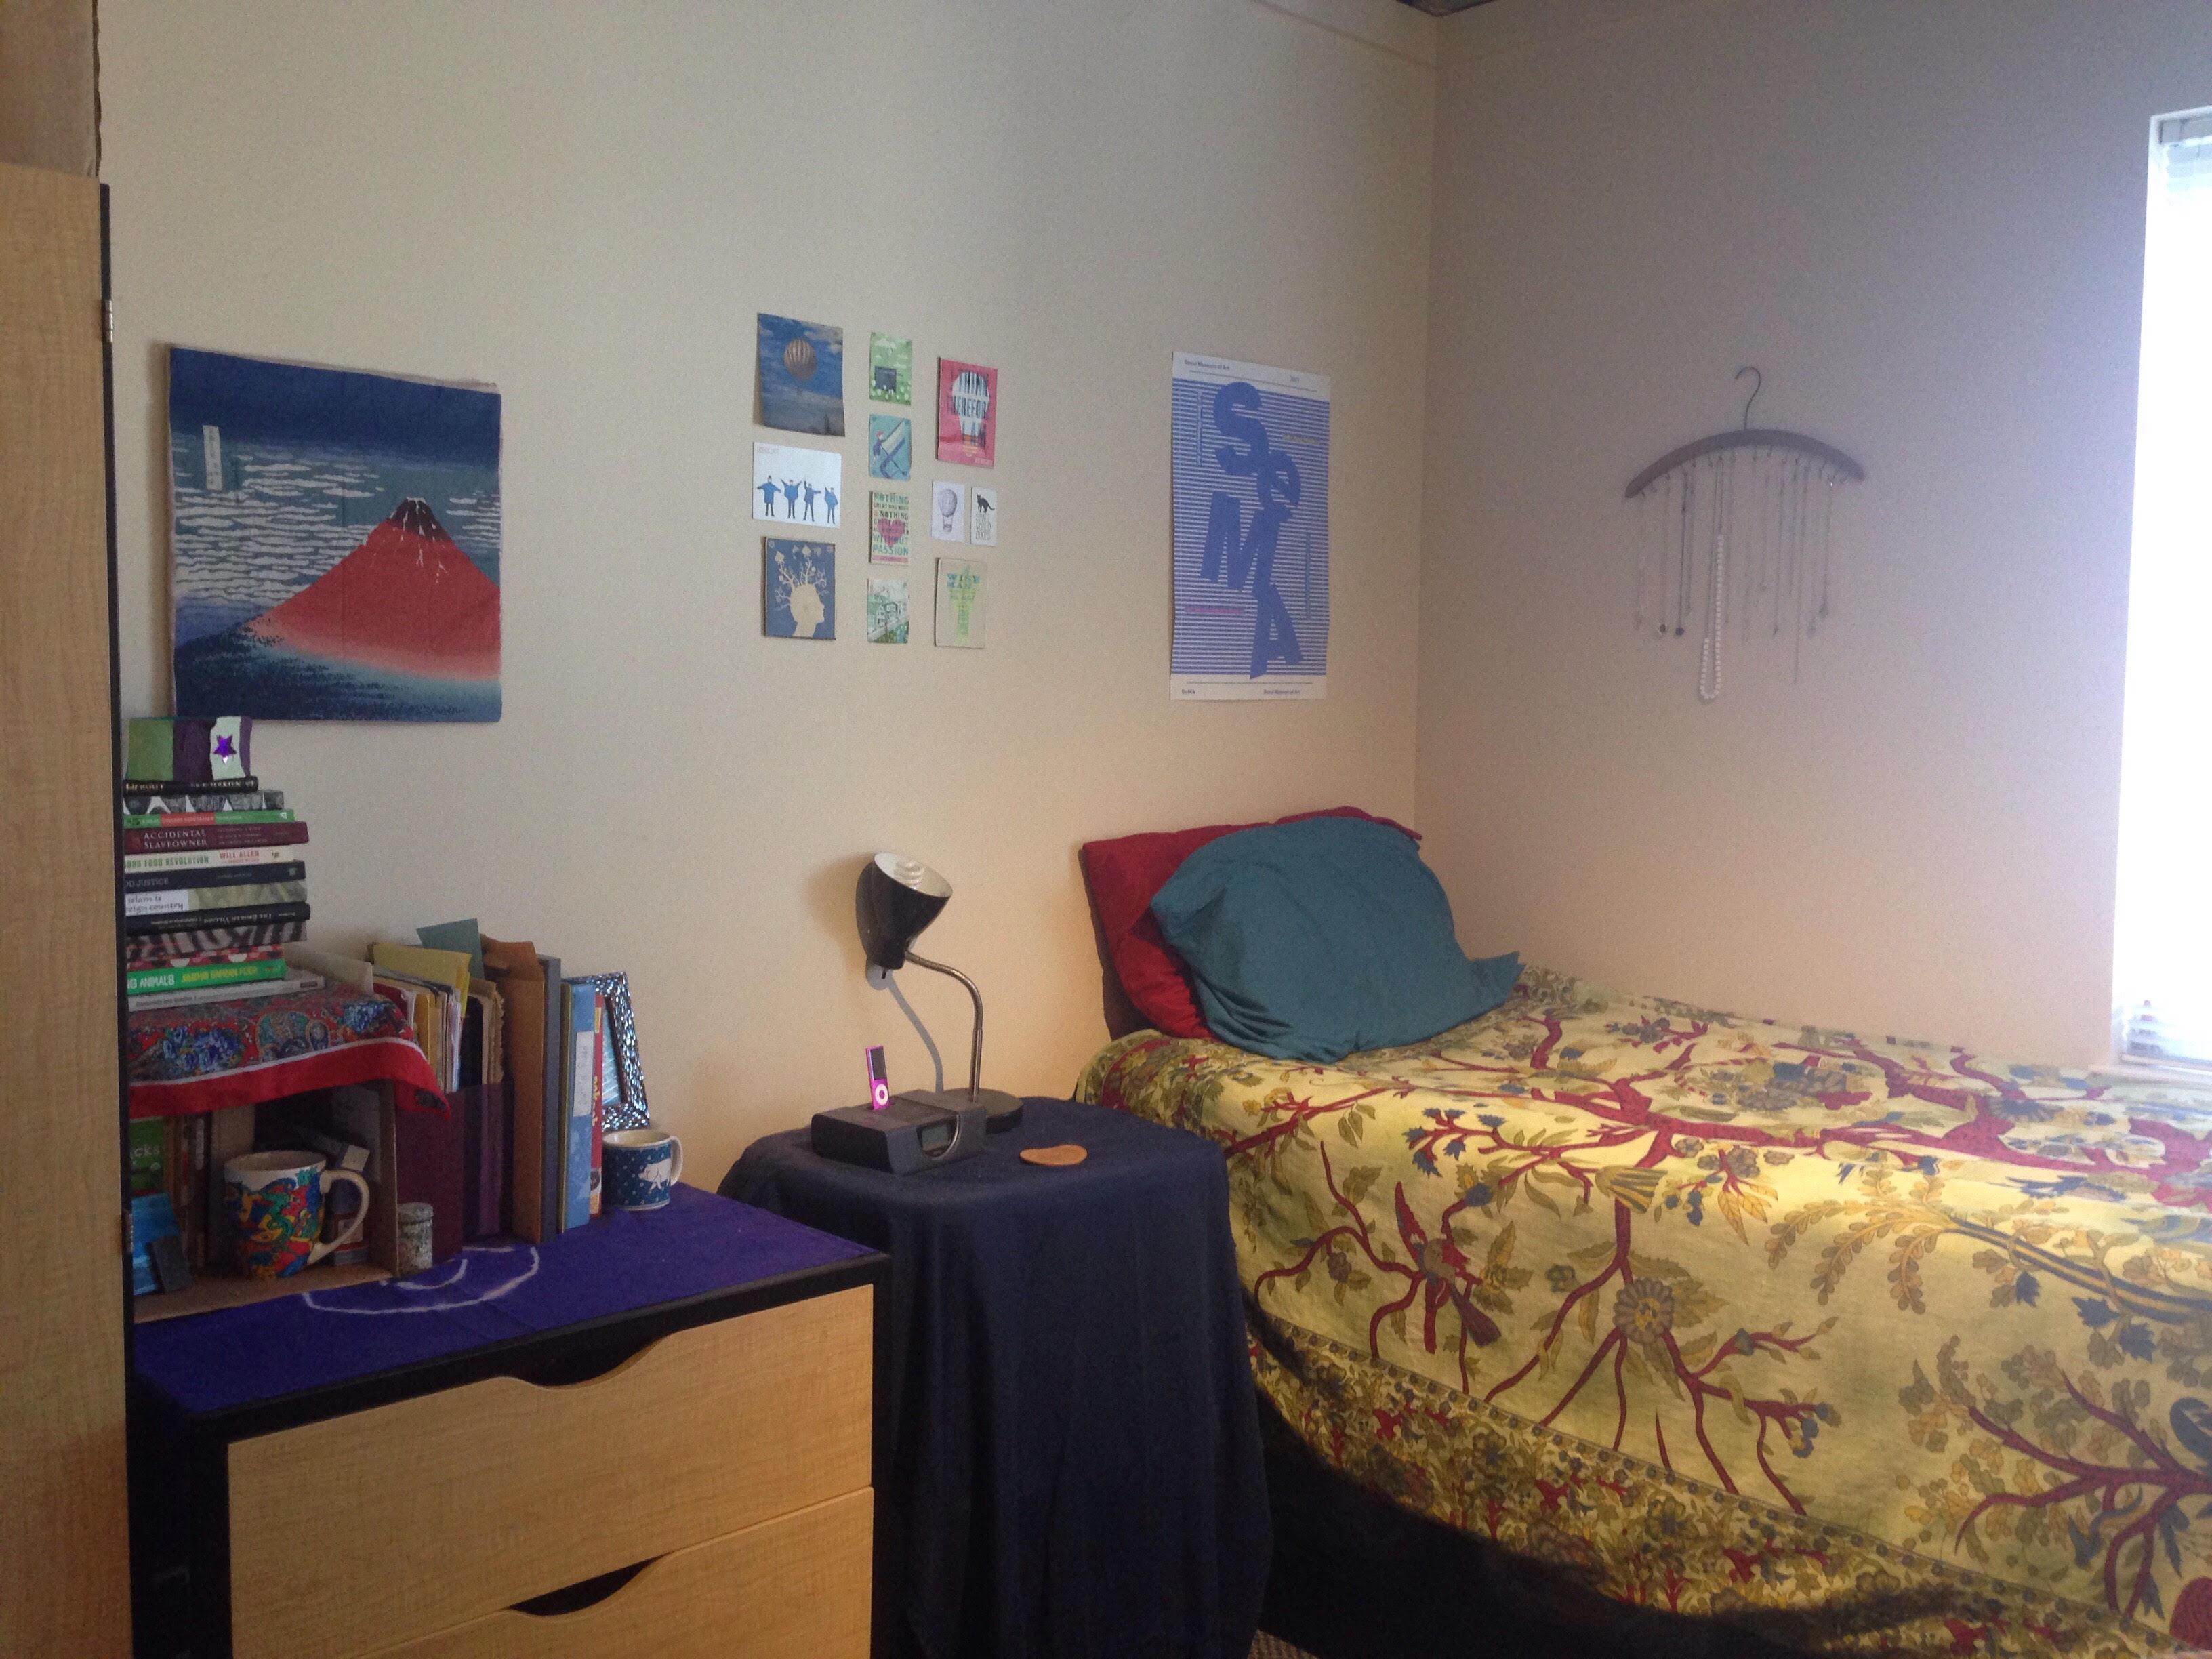 Senior year dorm